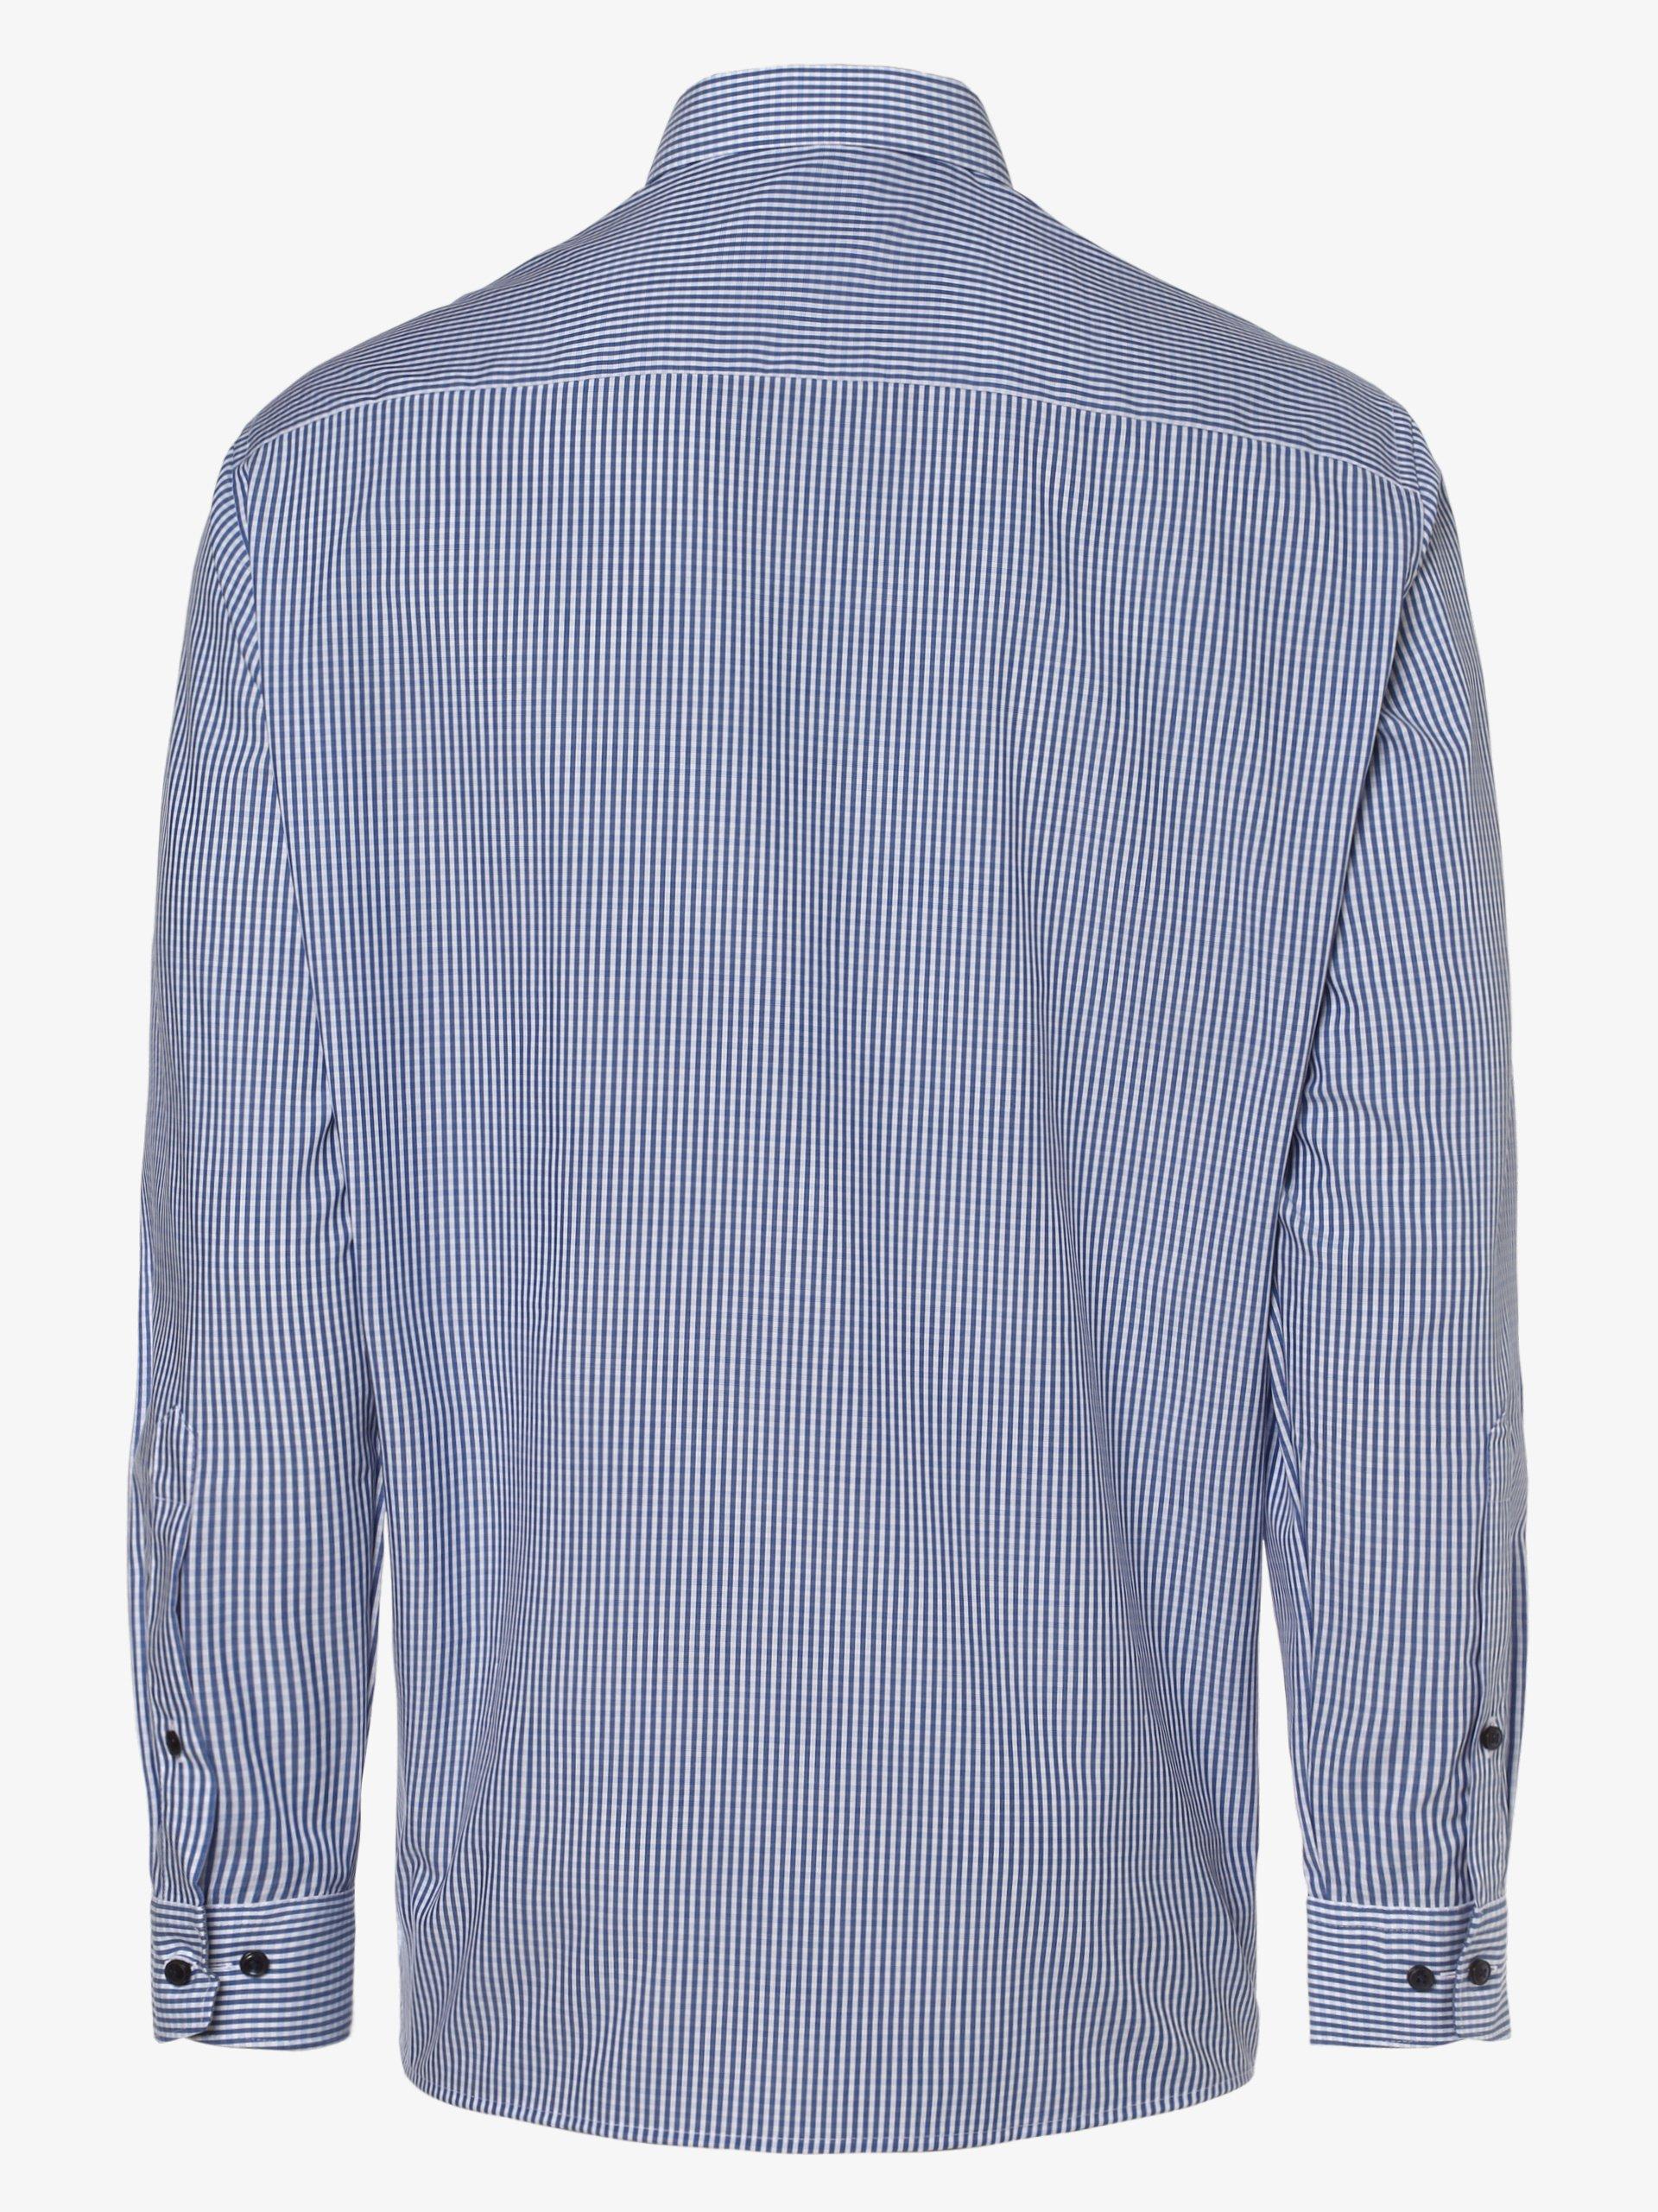 OLYMP Luxor comfort fit Koszula męska – niewymagająca prasowania